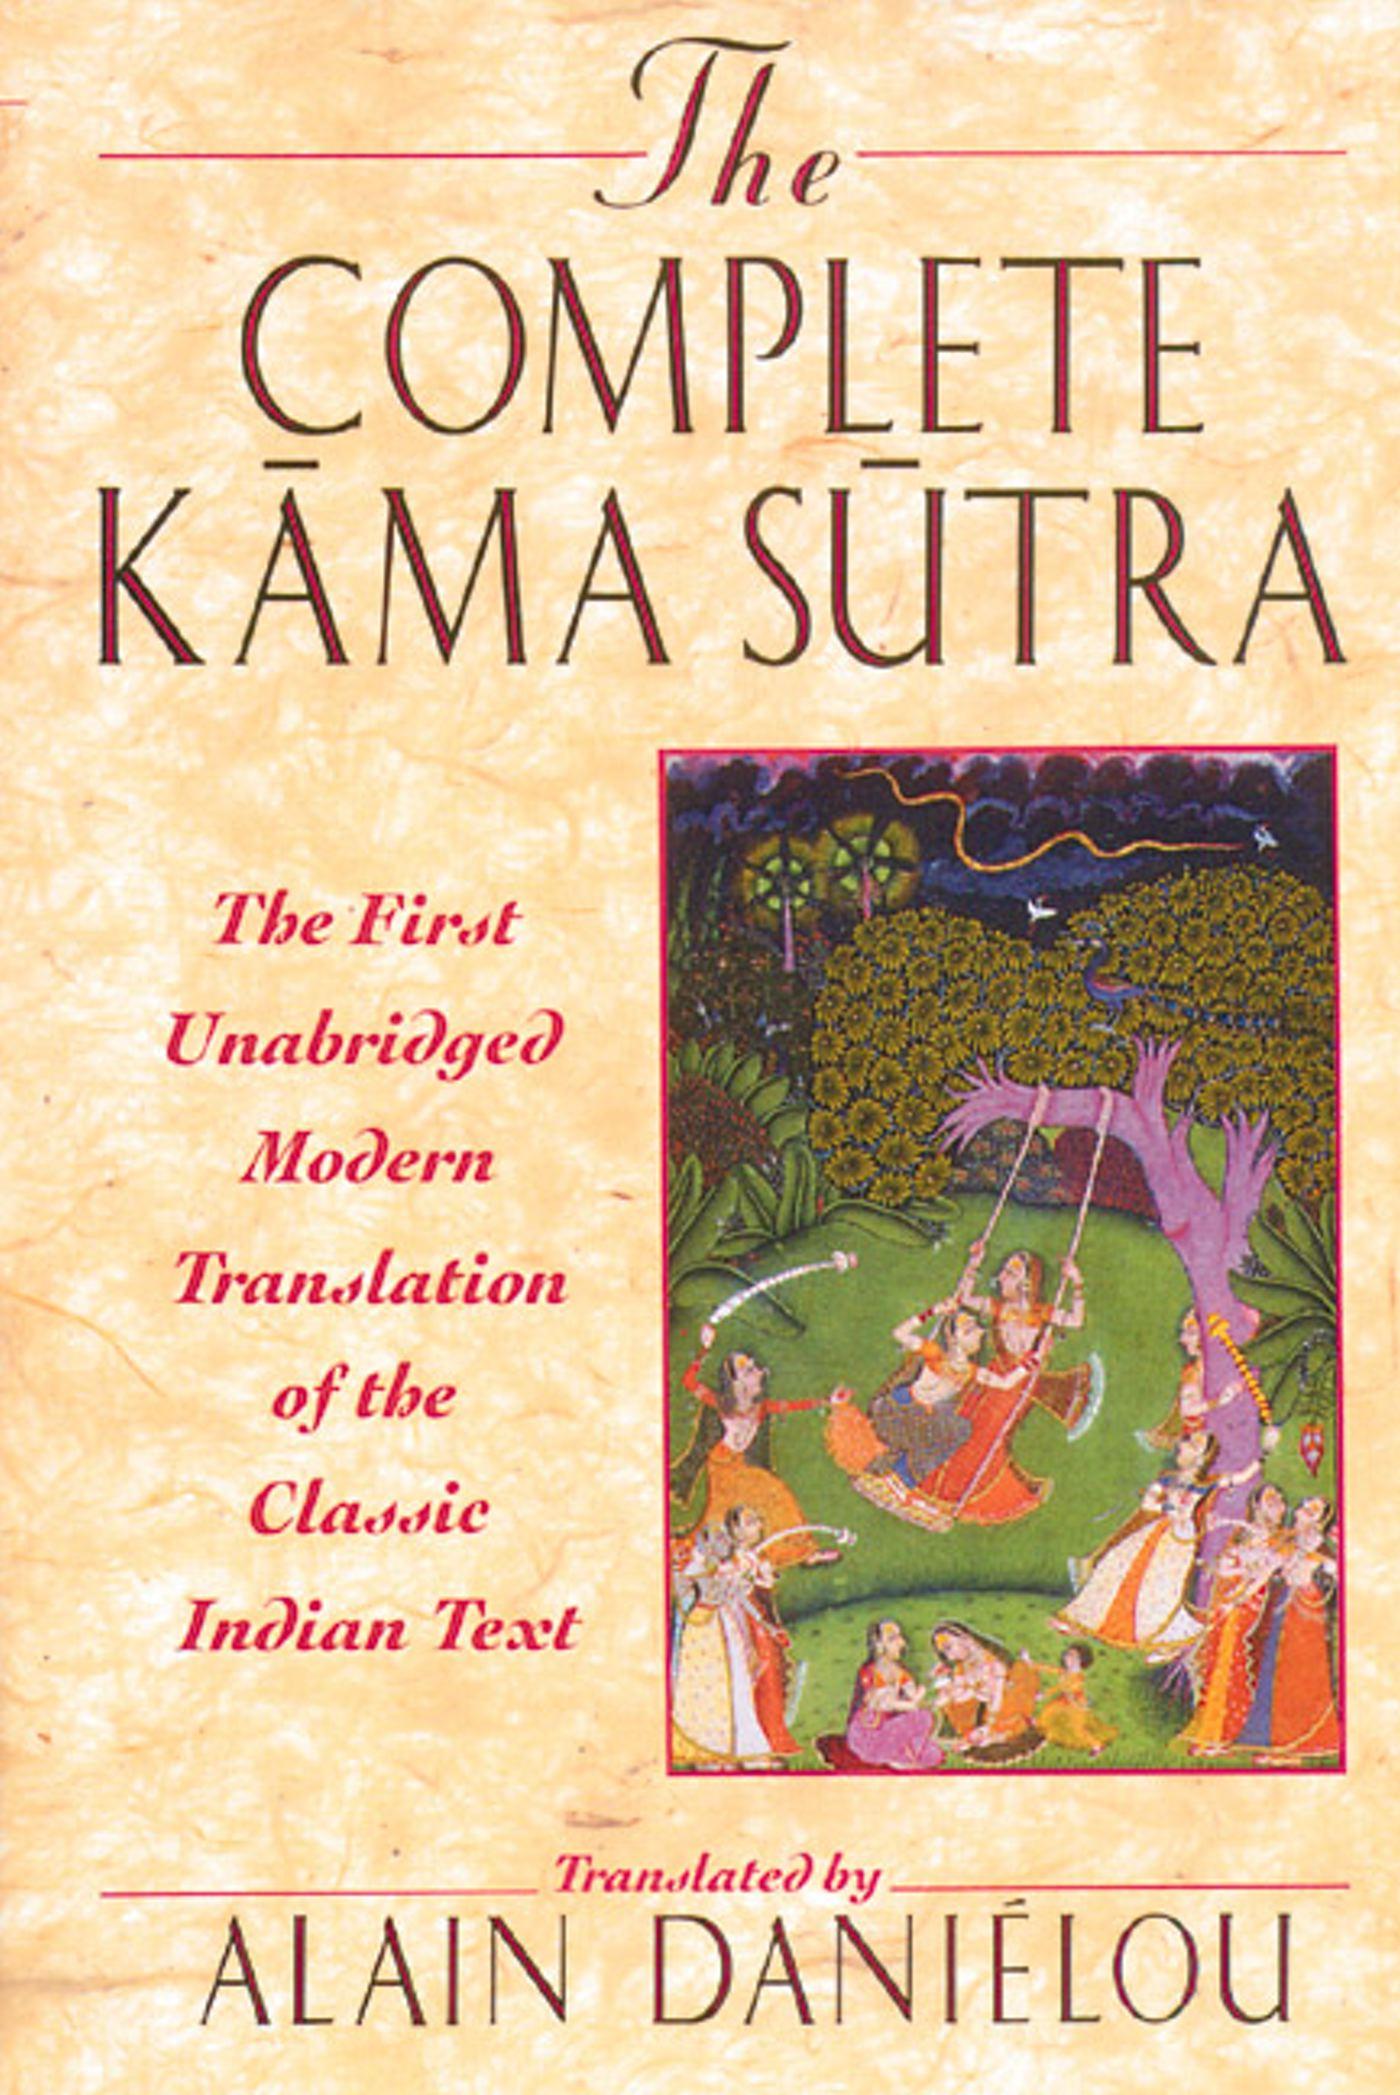 Kamasutra in bengali language pdf